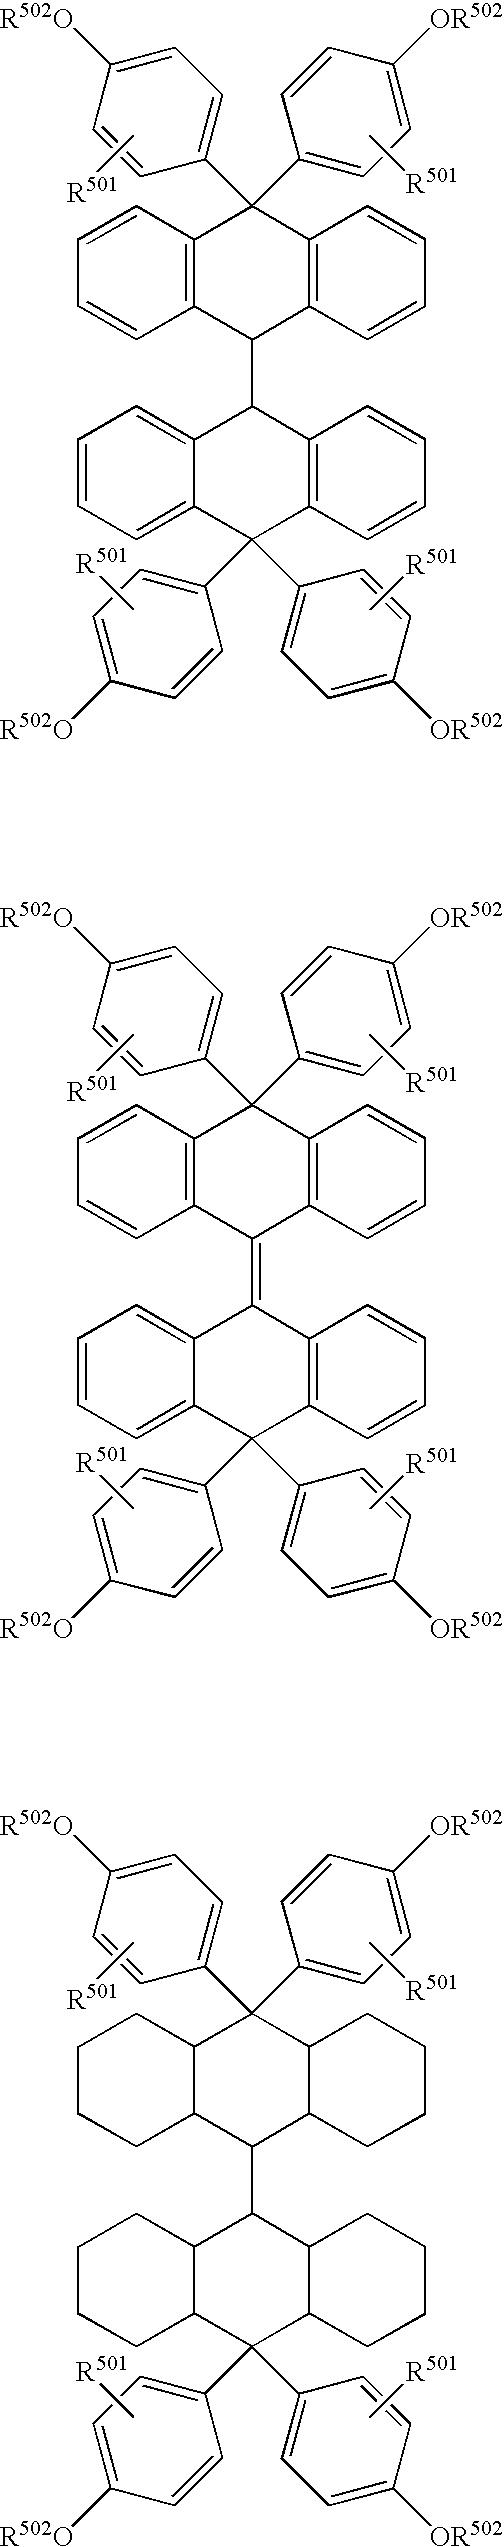 Figure US08129086-20120306-C00088